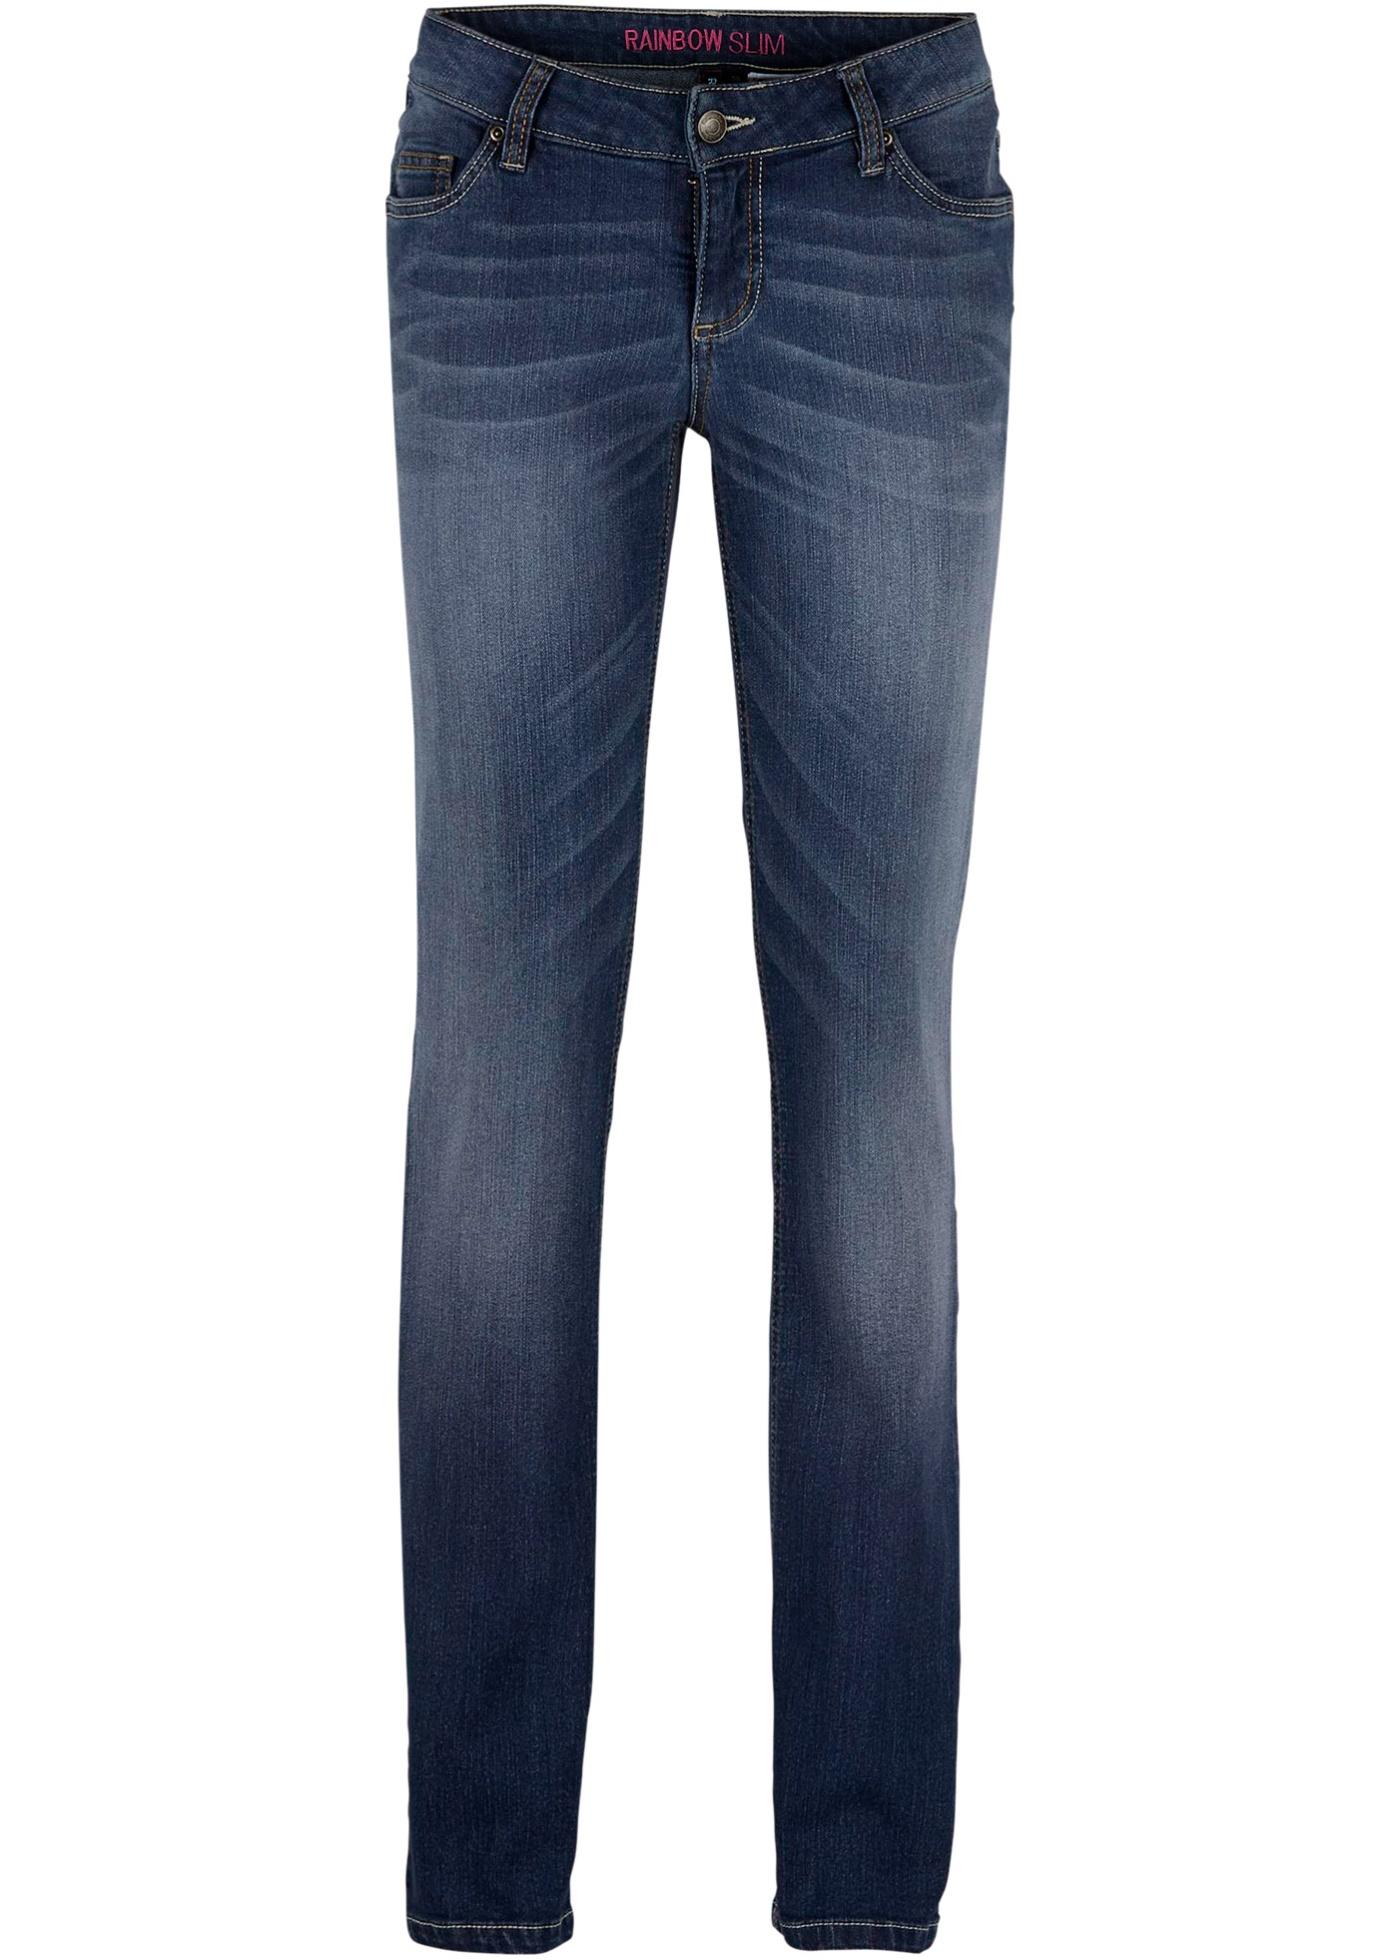 Calça jeans corte reto, Tamanho normal preta